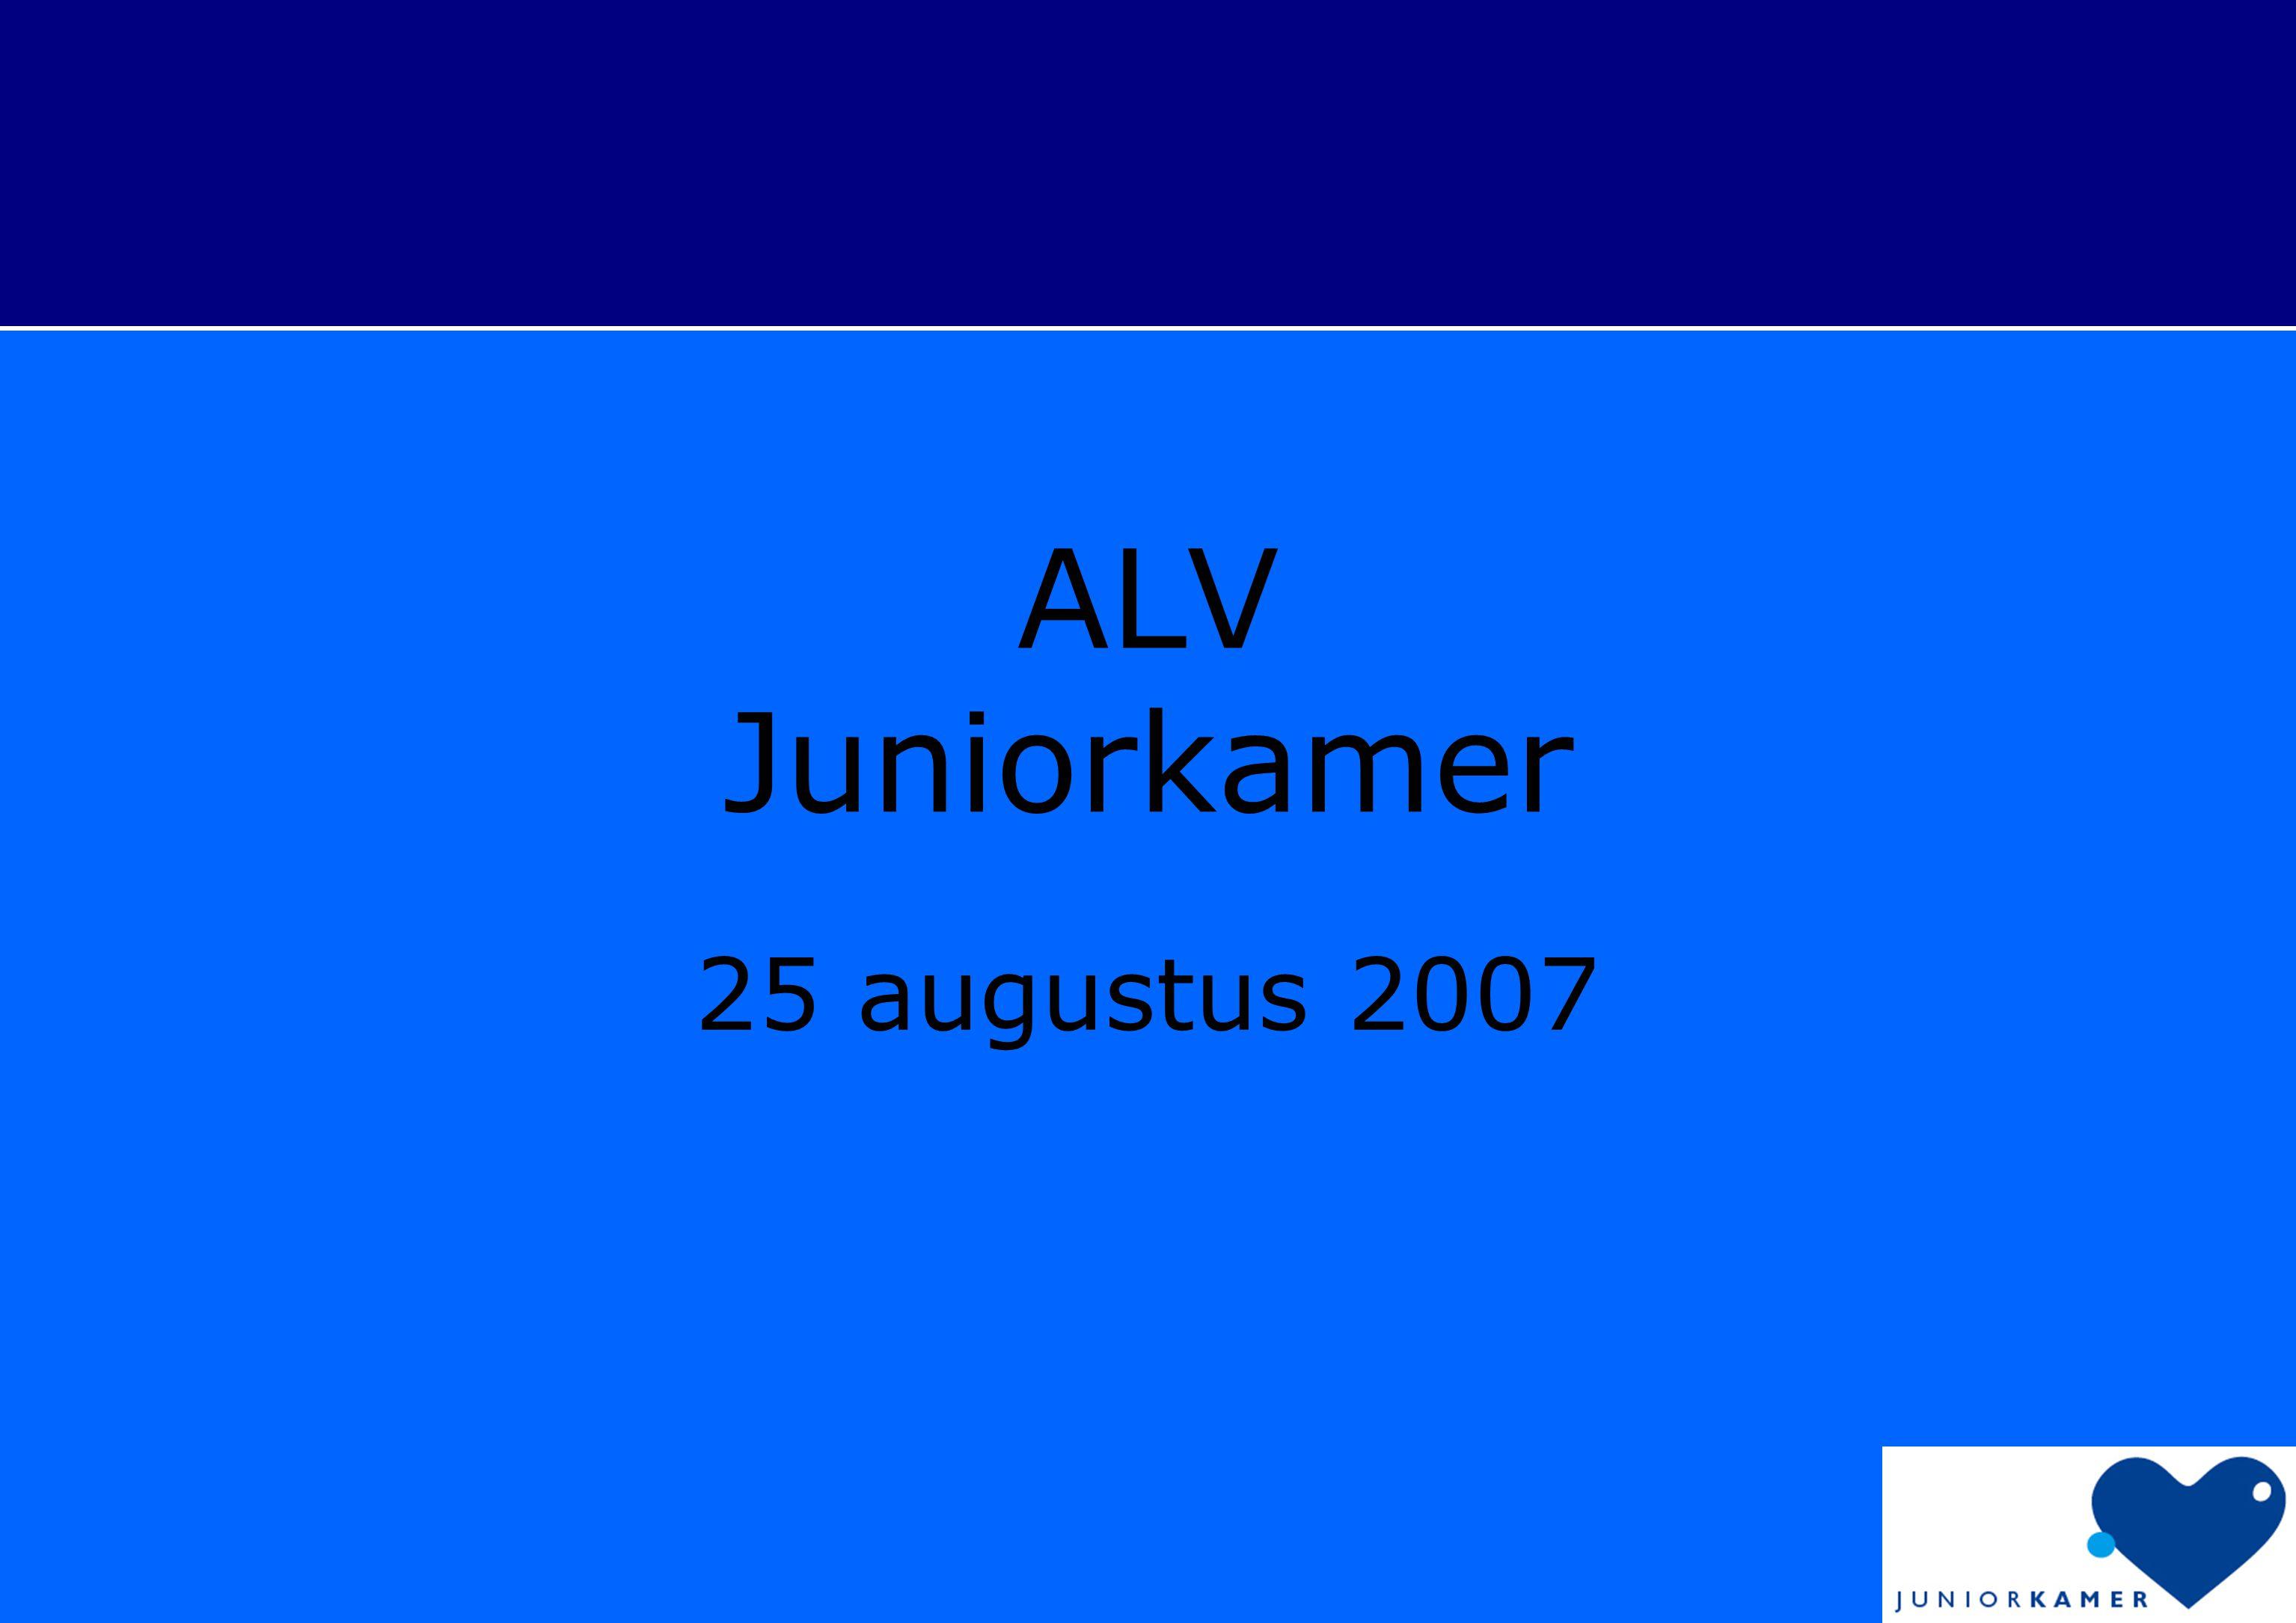 ALV Juniorkamer 25 augustus 2007